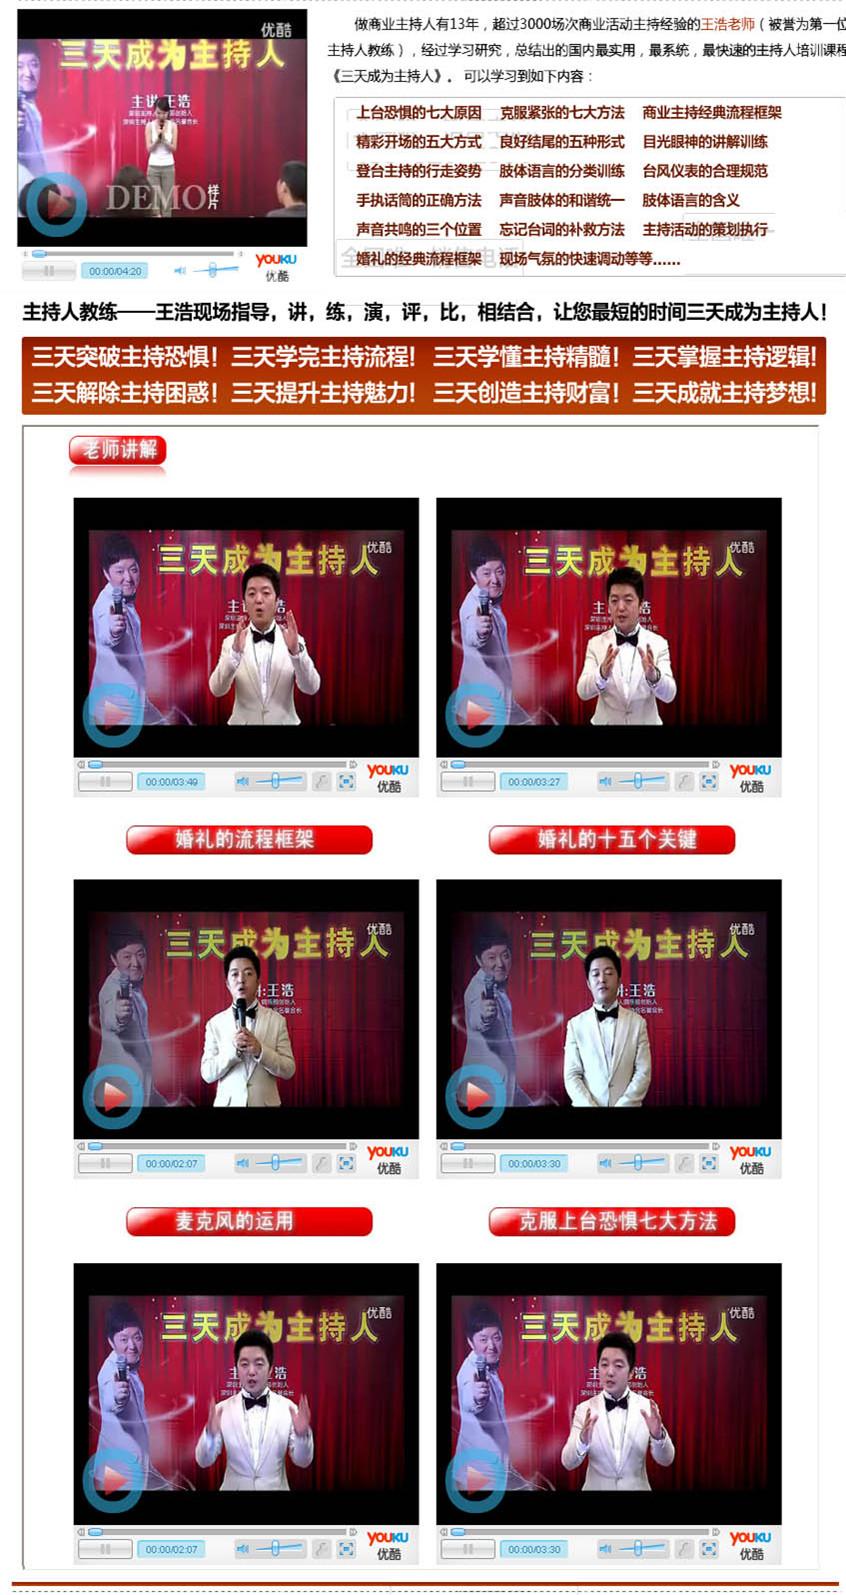 中国婚庆培训教程 婚礼策划方案大全 主持人司仪资料文案 12DVD(tbd)